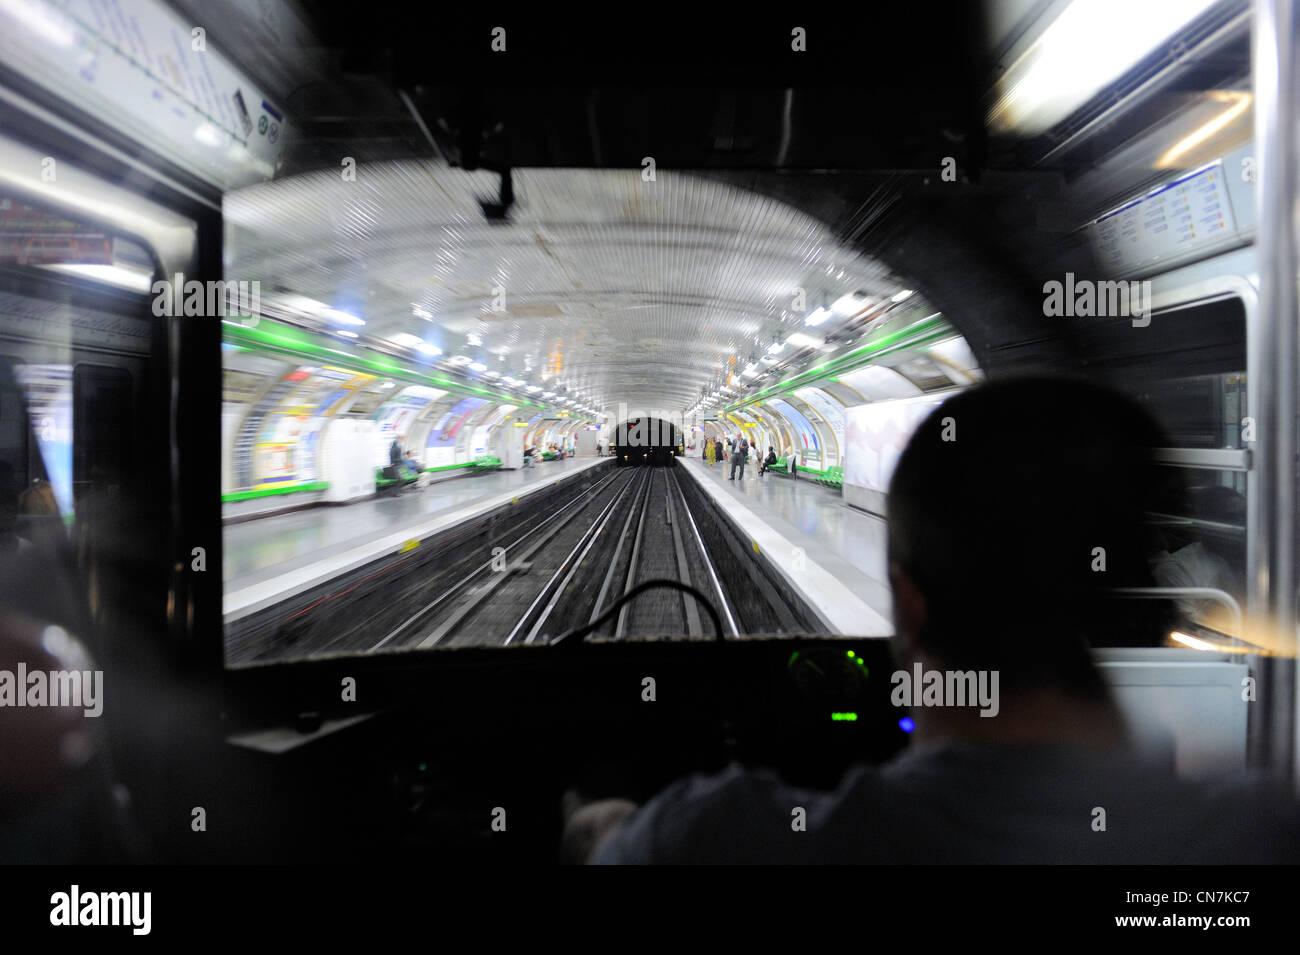 France, Paris, travel in the Paris metro - Stock Image